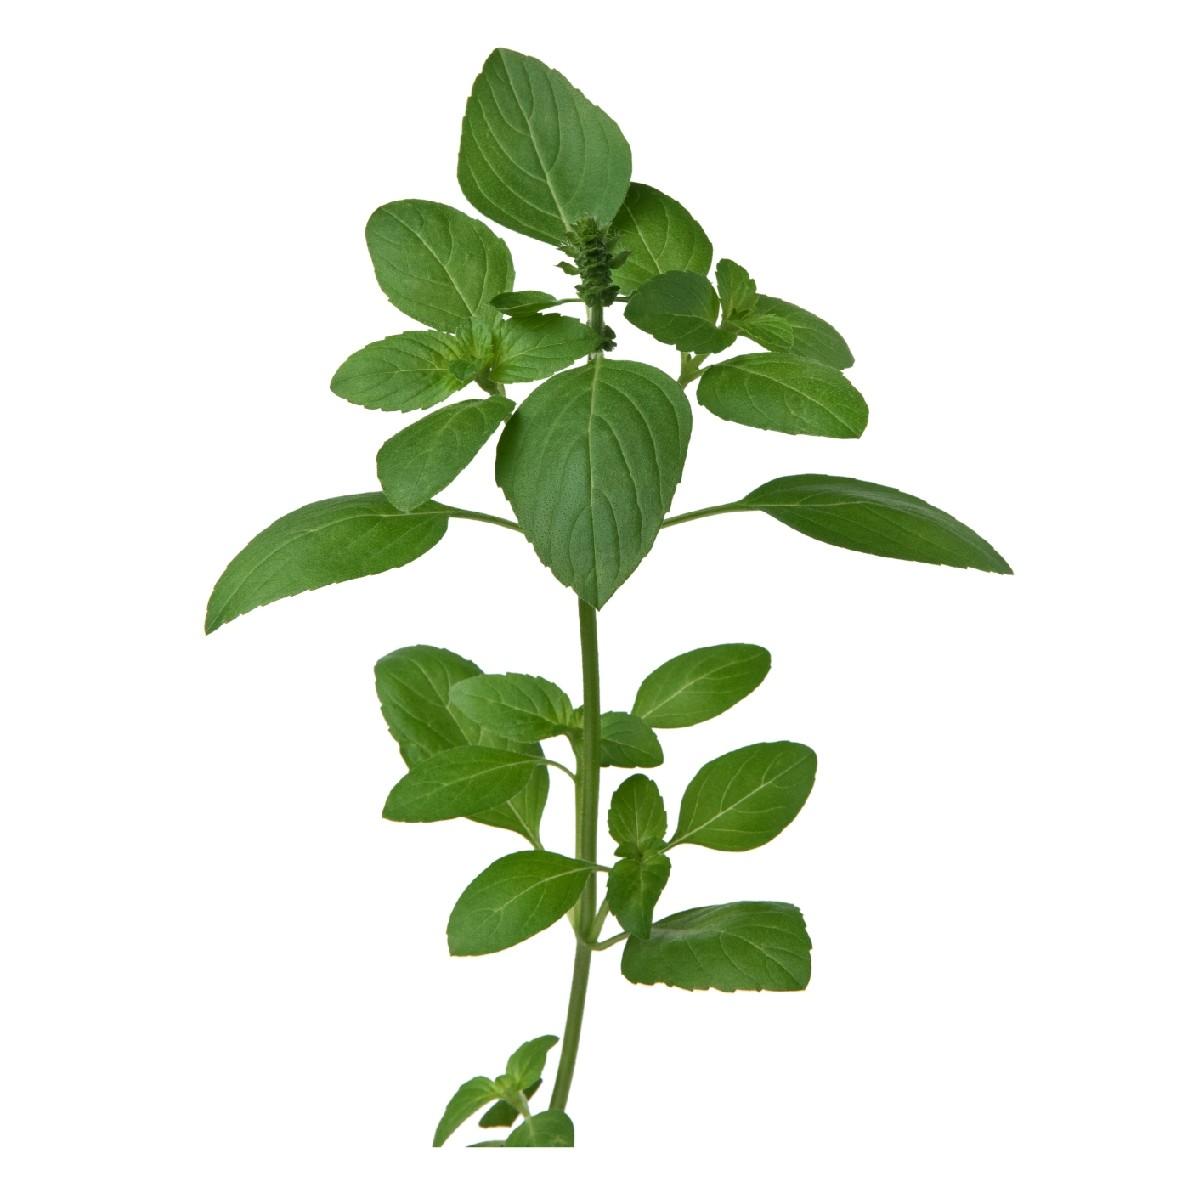 Sementes para plantar Manjericão Alfavaca Verde em vasos autoirrigáveis RAIZ  - Loja Raiz